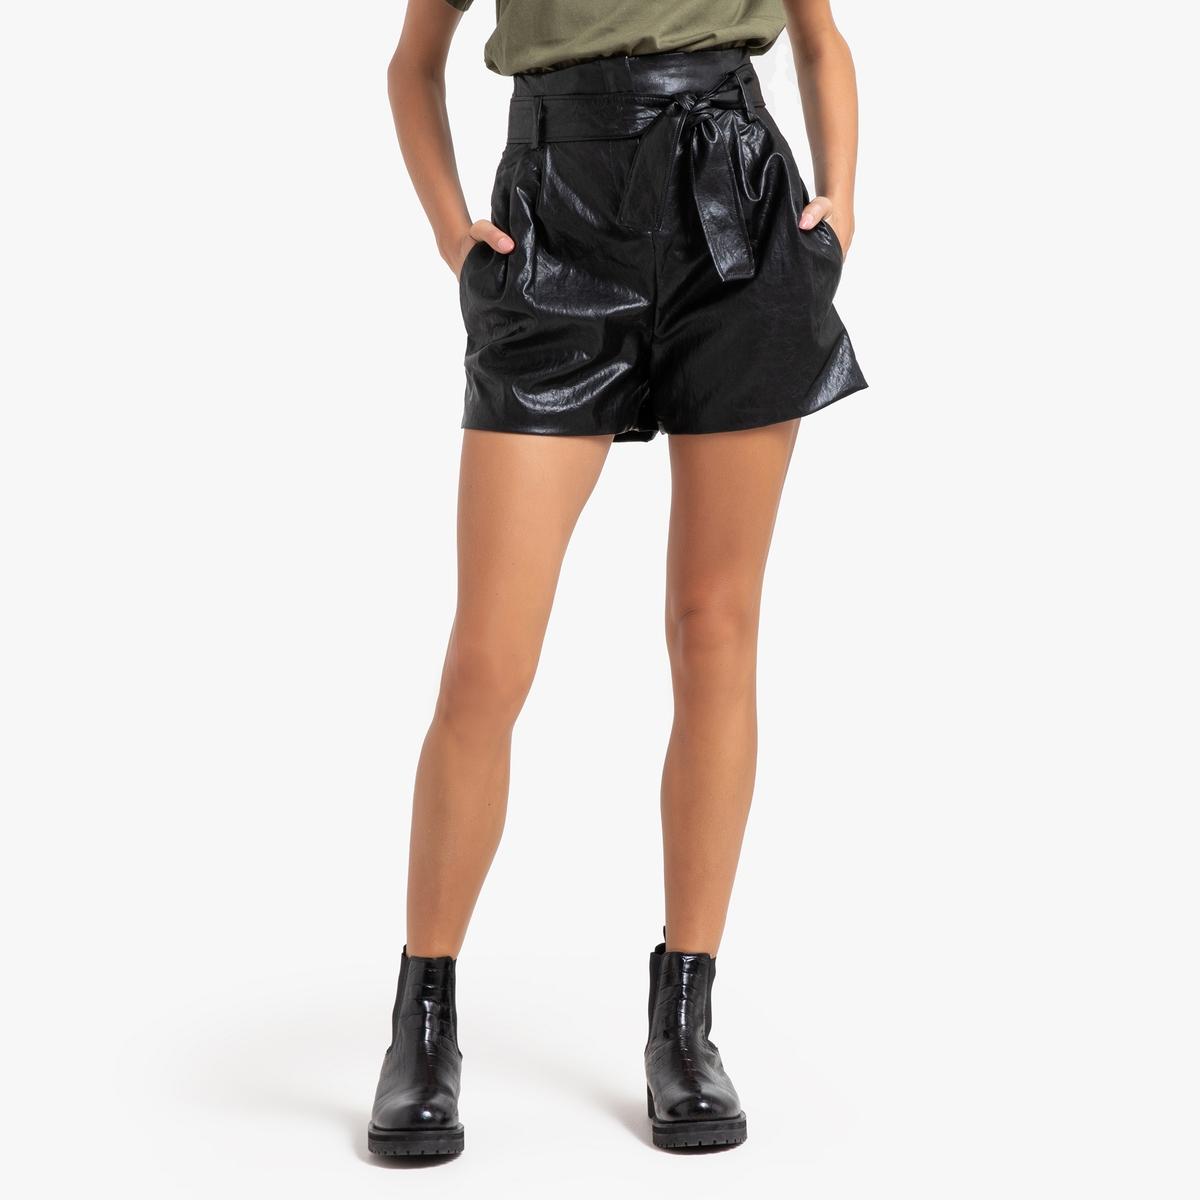 Шорты La Redoute С завышенной талией с эффектом пропитки SOL 3(L) черный юбка la redoute короткая с завышенной талией и цветочным рисунком xs зеленый